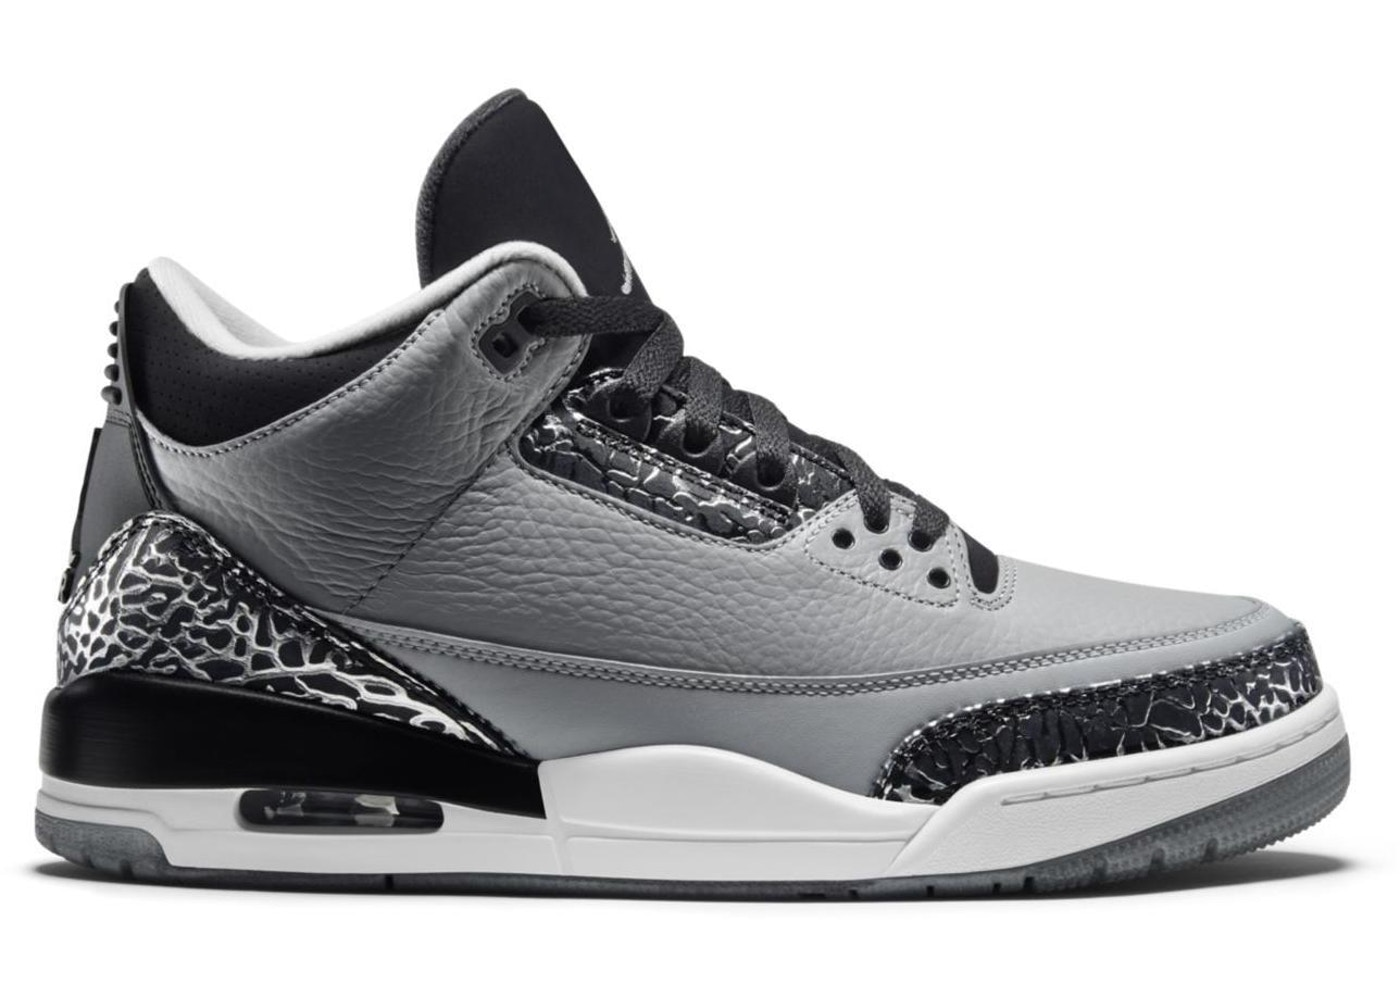 premium selection 65e92 7e507 Jordan 3 Retro Wolf Grey - 136064-004